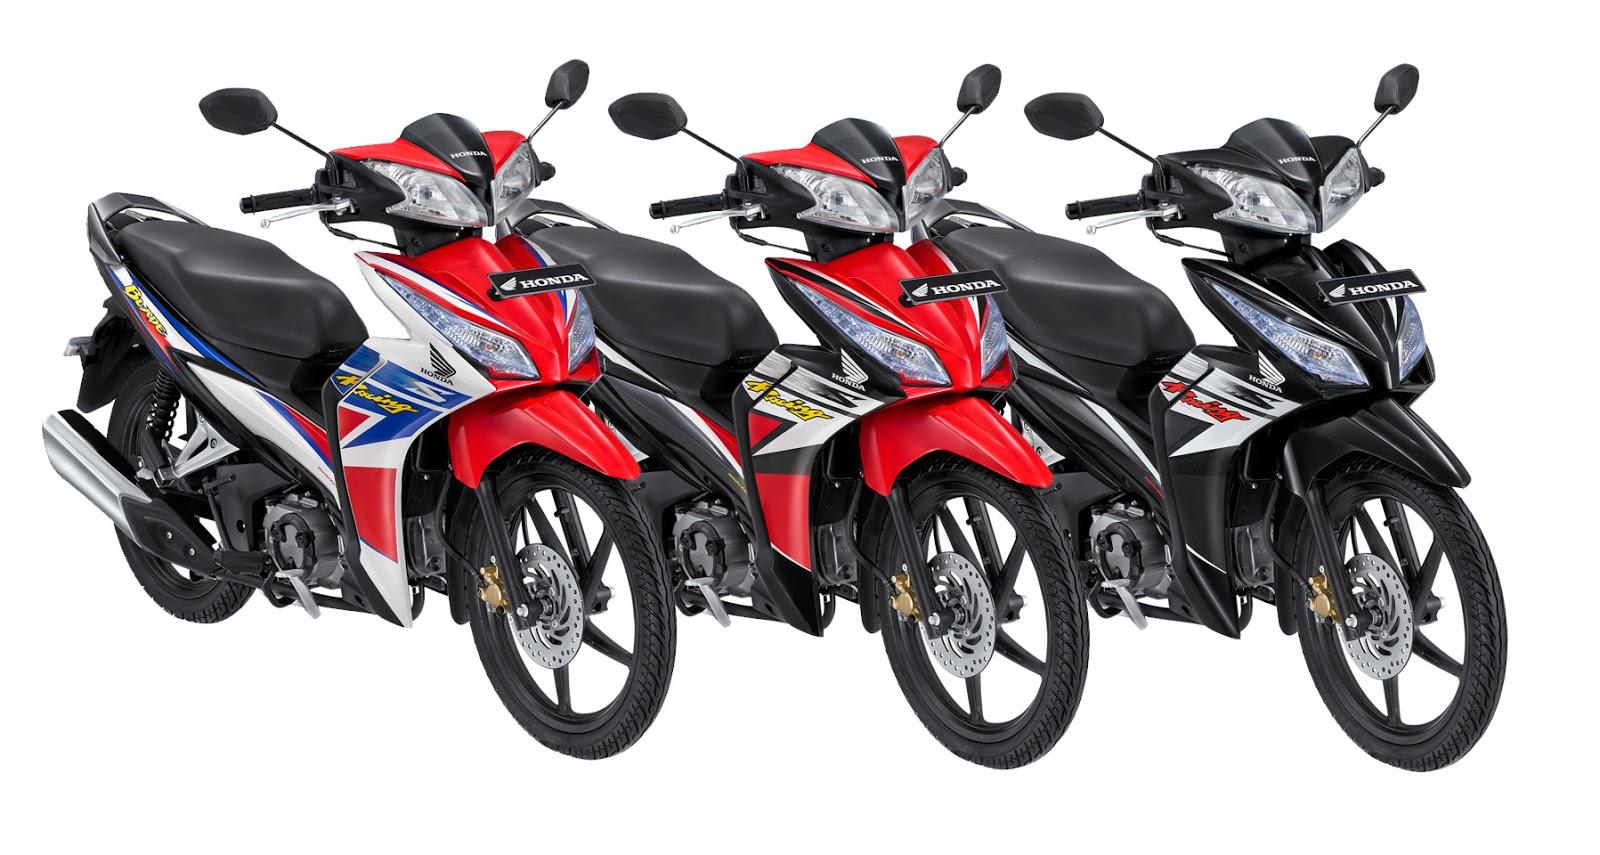 BLADE S 3 UNIT - KREDIT MOTOR HONDA PALING MURAH DI BANDUNG DAN ... for Motor Bebek Honda Terbaru 2015  5lpkxo